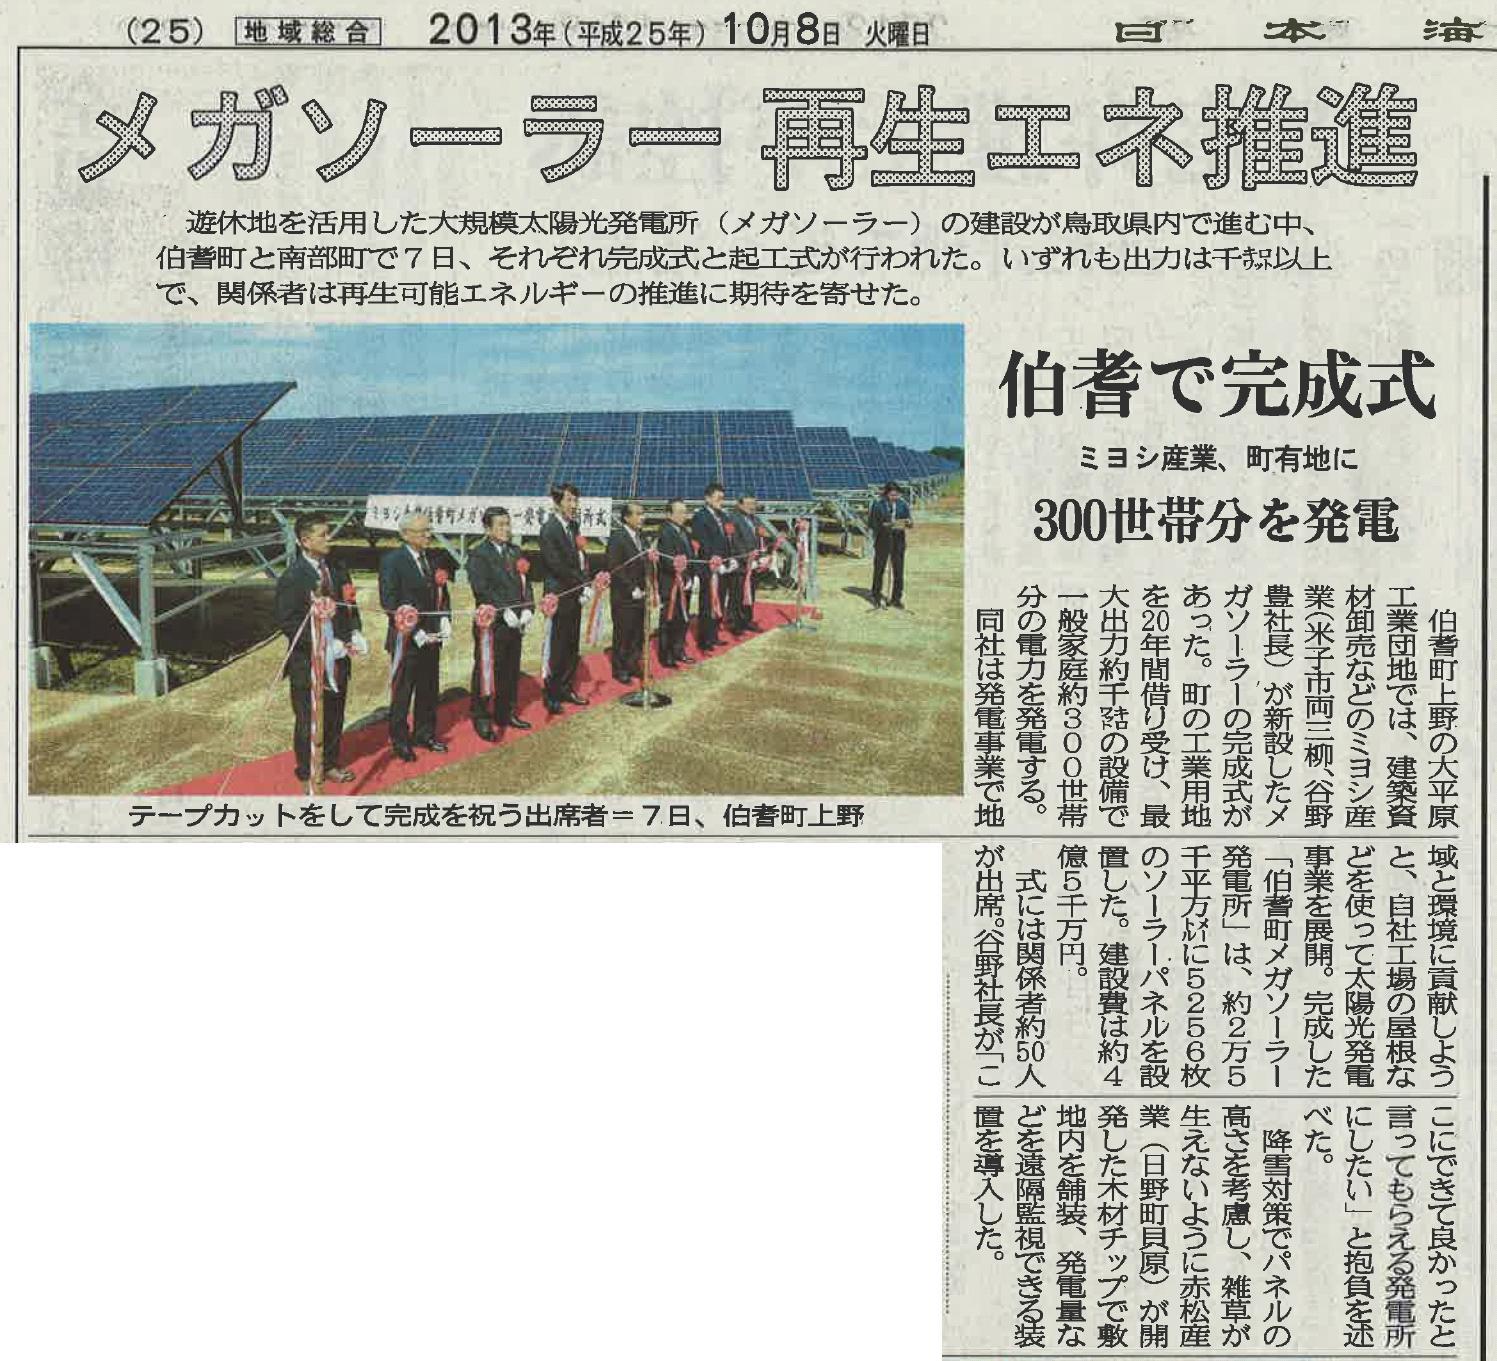 日本海新聞で伯耆町メガソーラー発電所が紹介されました。